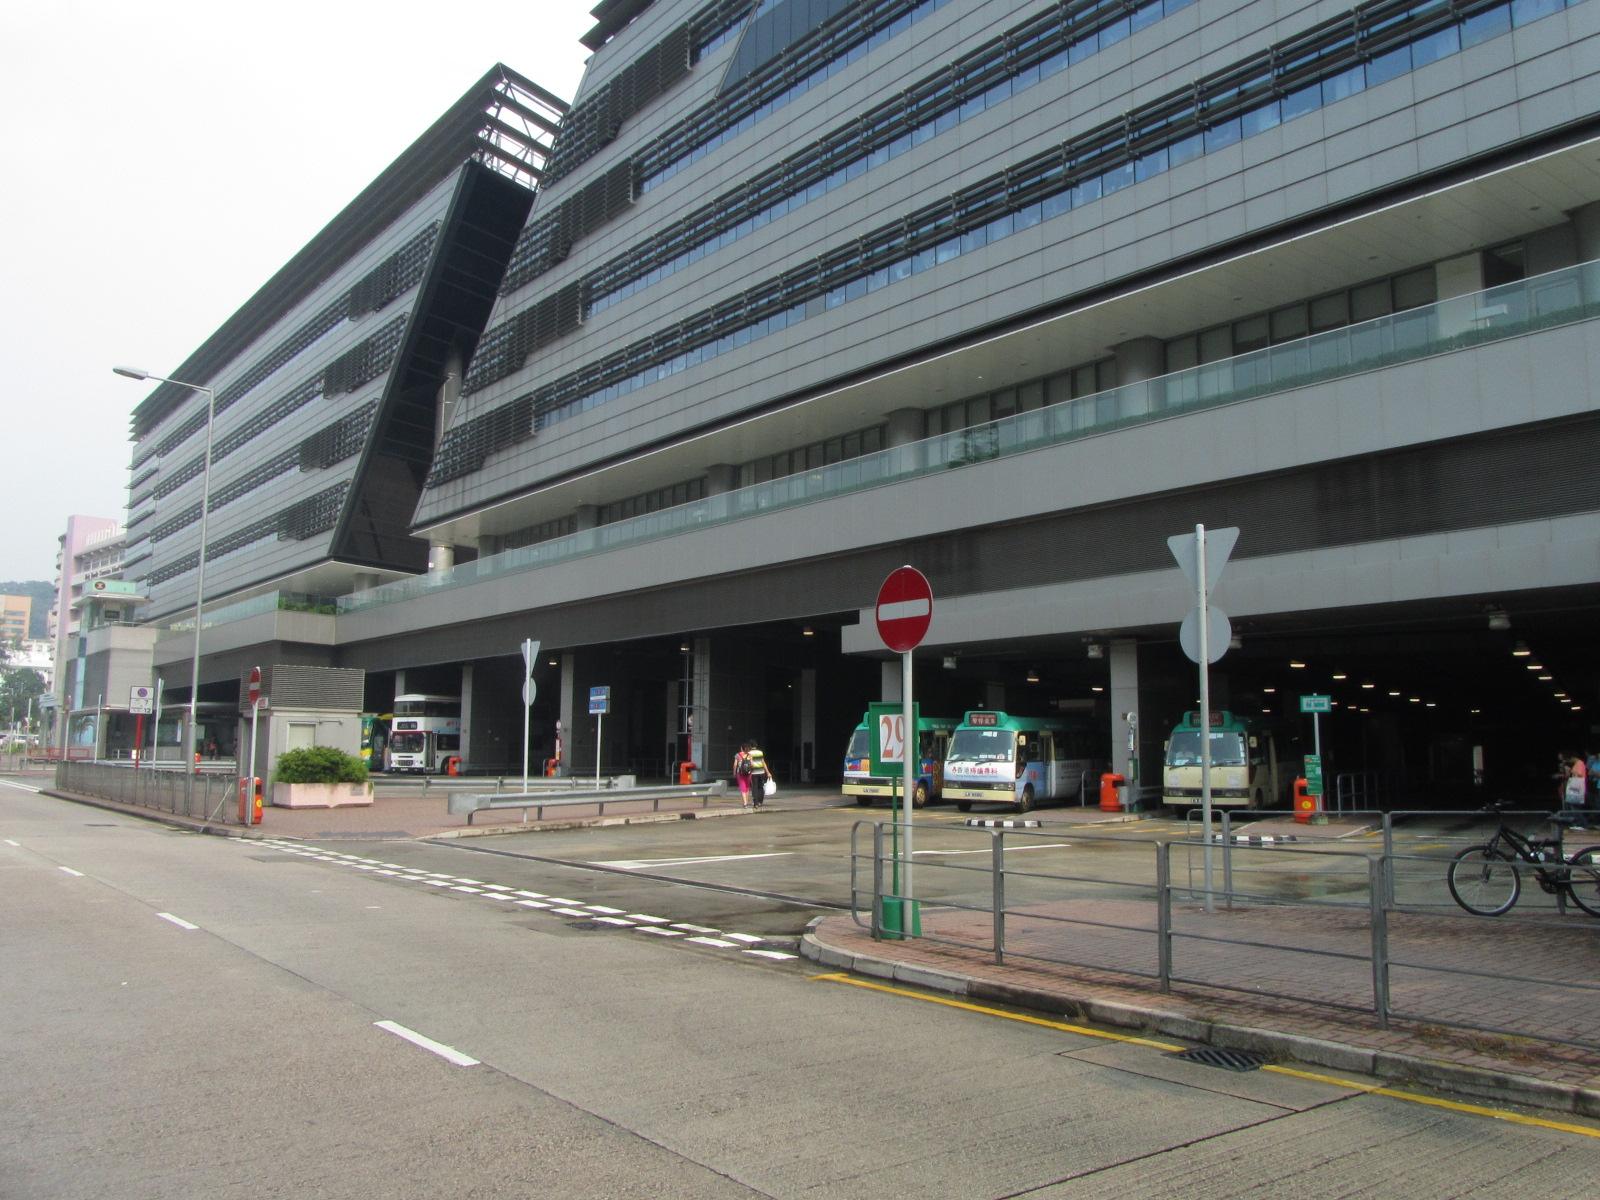 九龍塘 (沙福道) 公共運輸交匯處